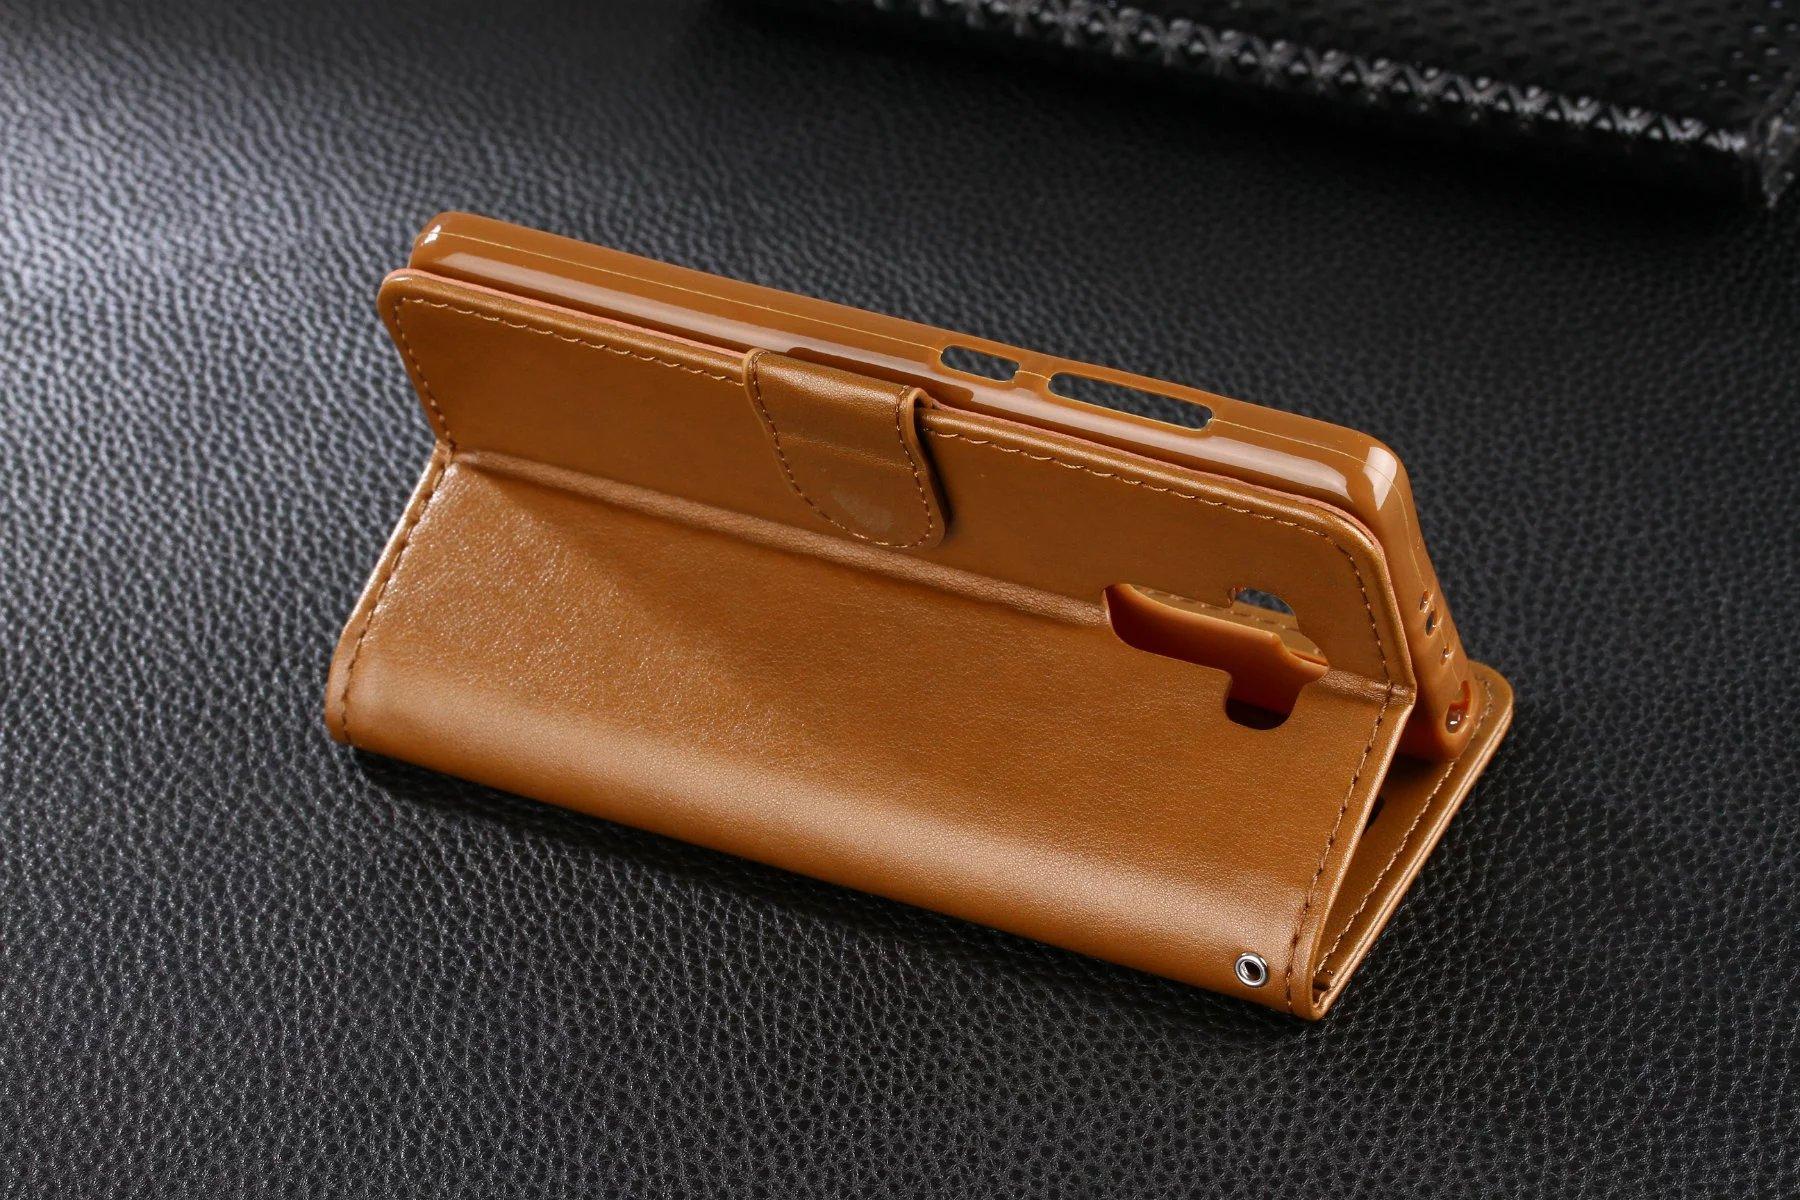 Luksusowy portfel case dla xiaomi redmi 4 pro redmi 4 książka klapki pokrywa pu leather stań torby telefonów pokrowce na xiaomi redmi 4 pro 26